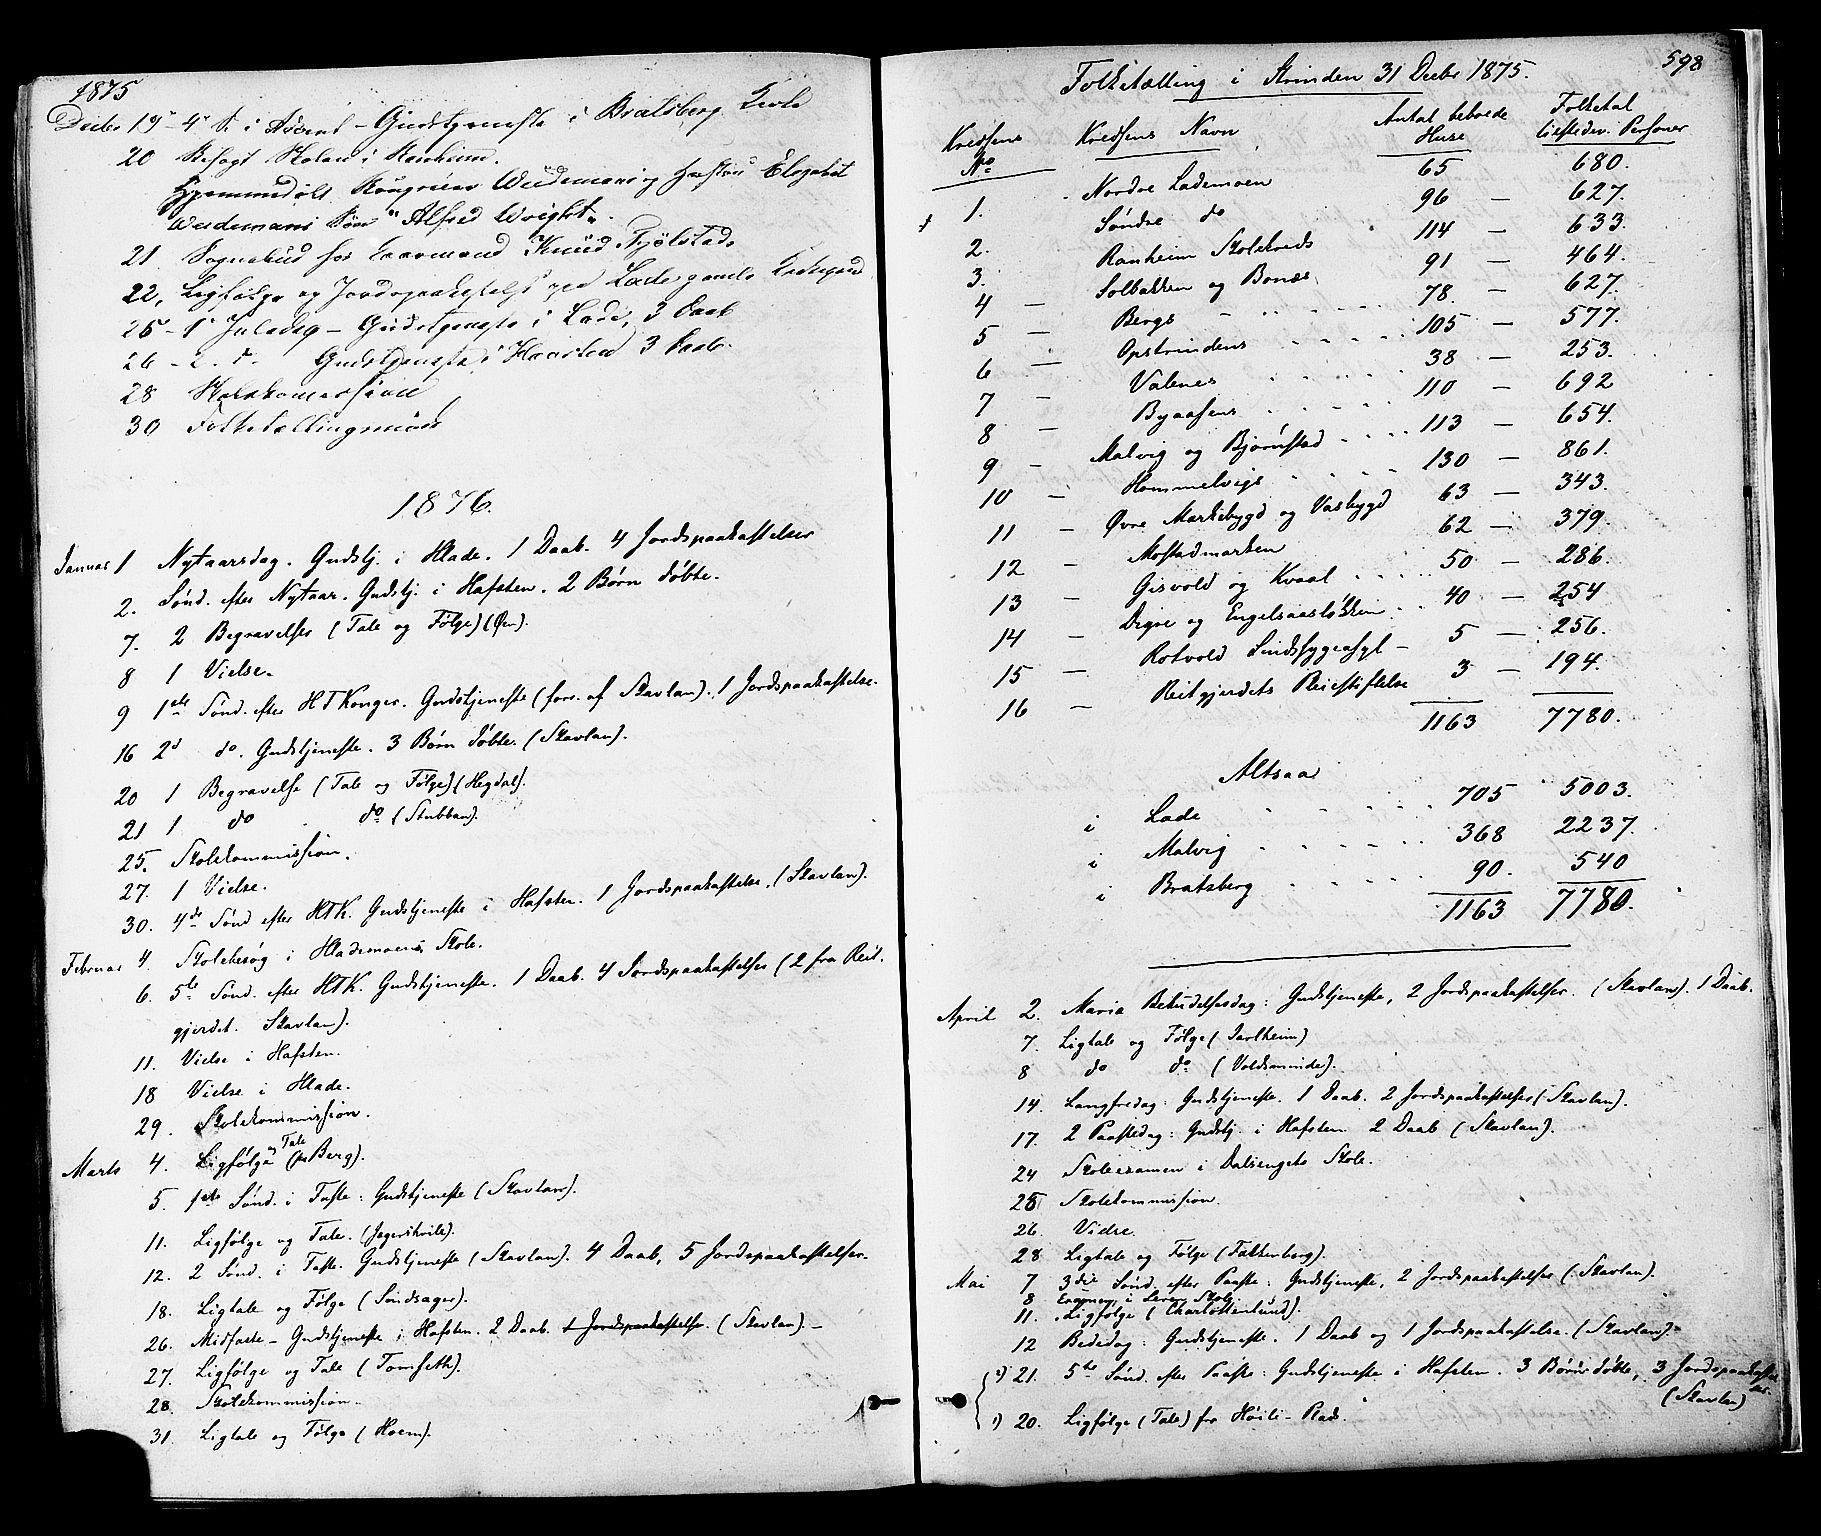 SAT, Ministerialprotokoller, klokkerbøker og fødselsregistre - Sør-Trøndelag, 606/L0293: Ministerialbok nr. 606A08, 1866-1877, s. 598